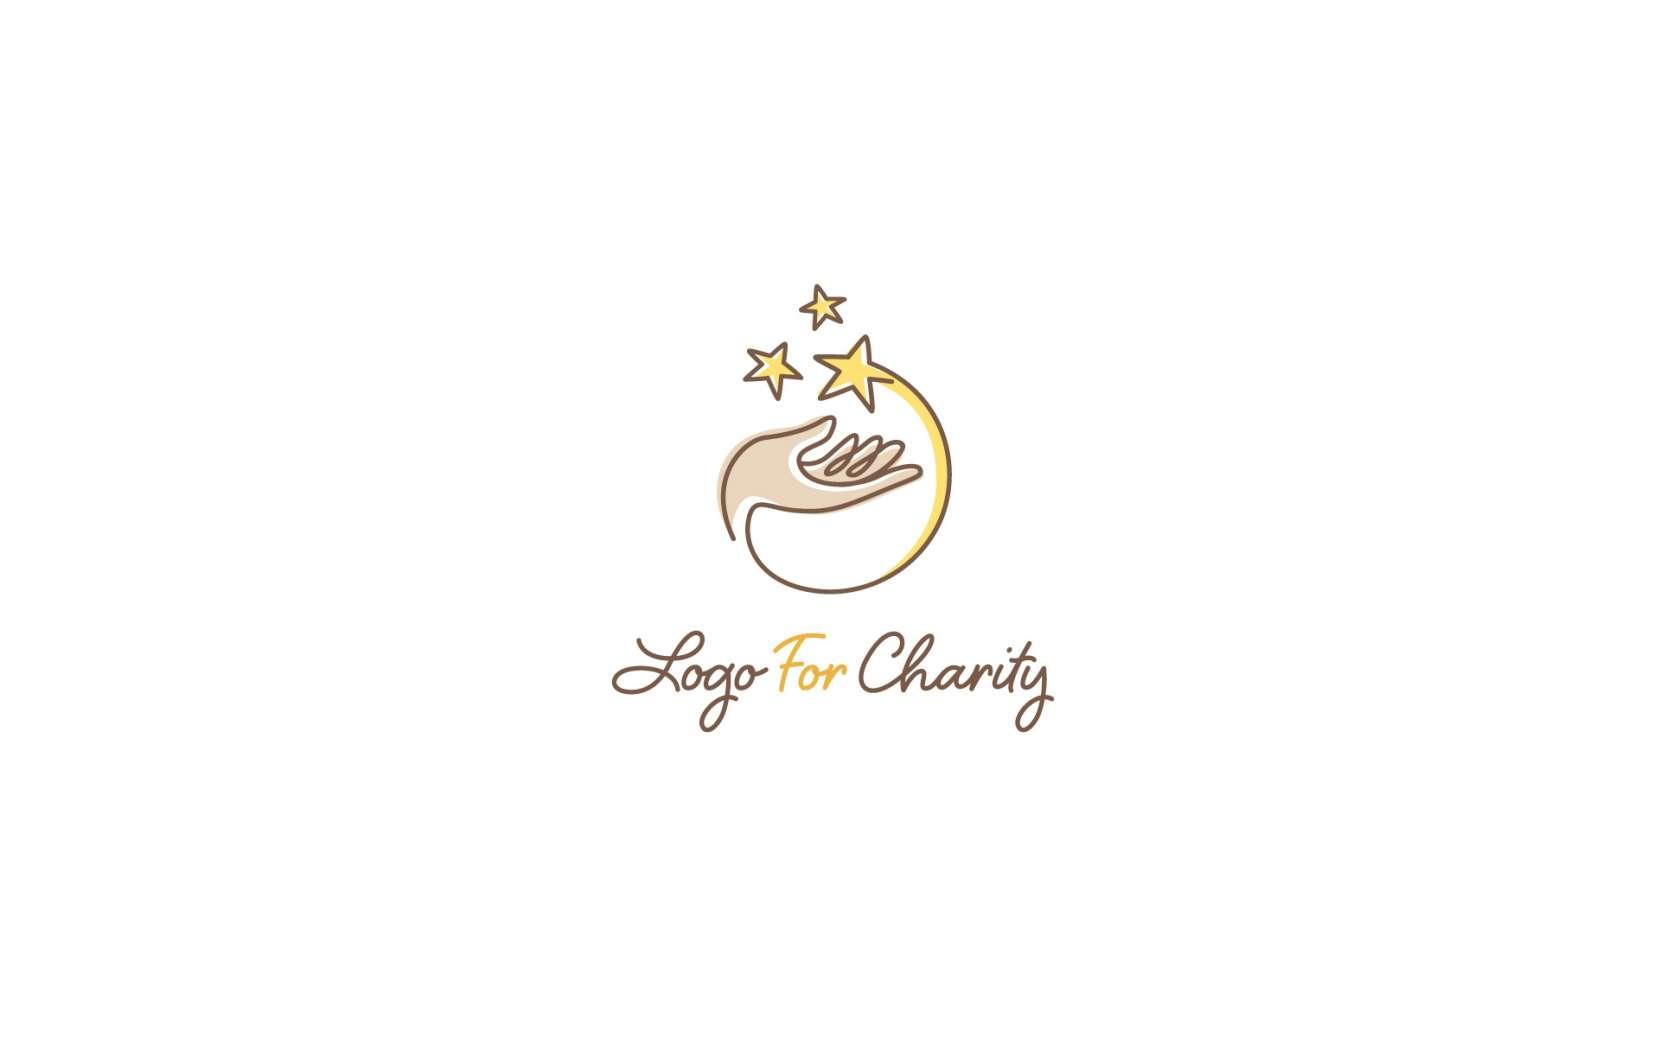 Logo-For-Charity.jpg